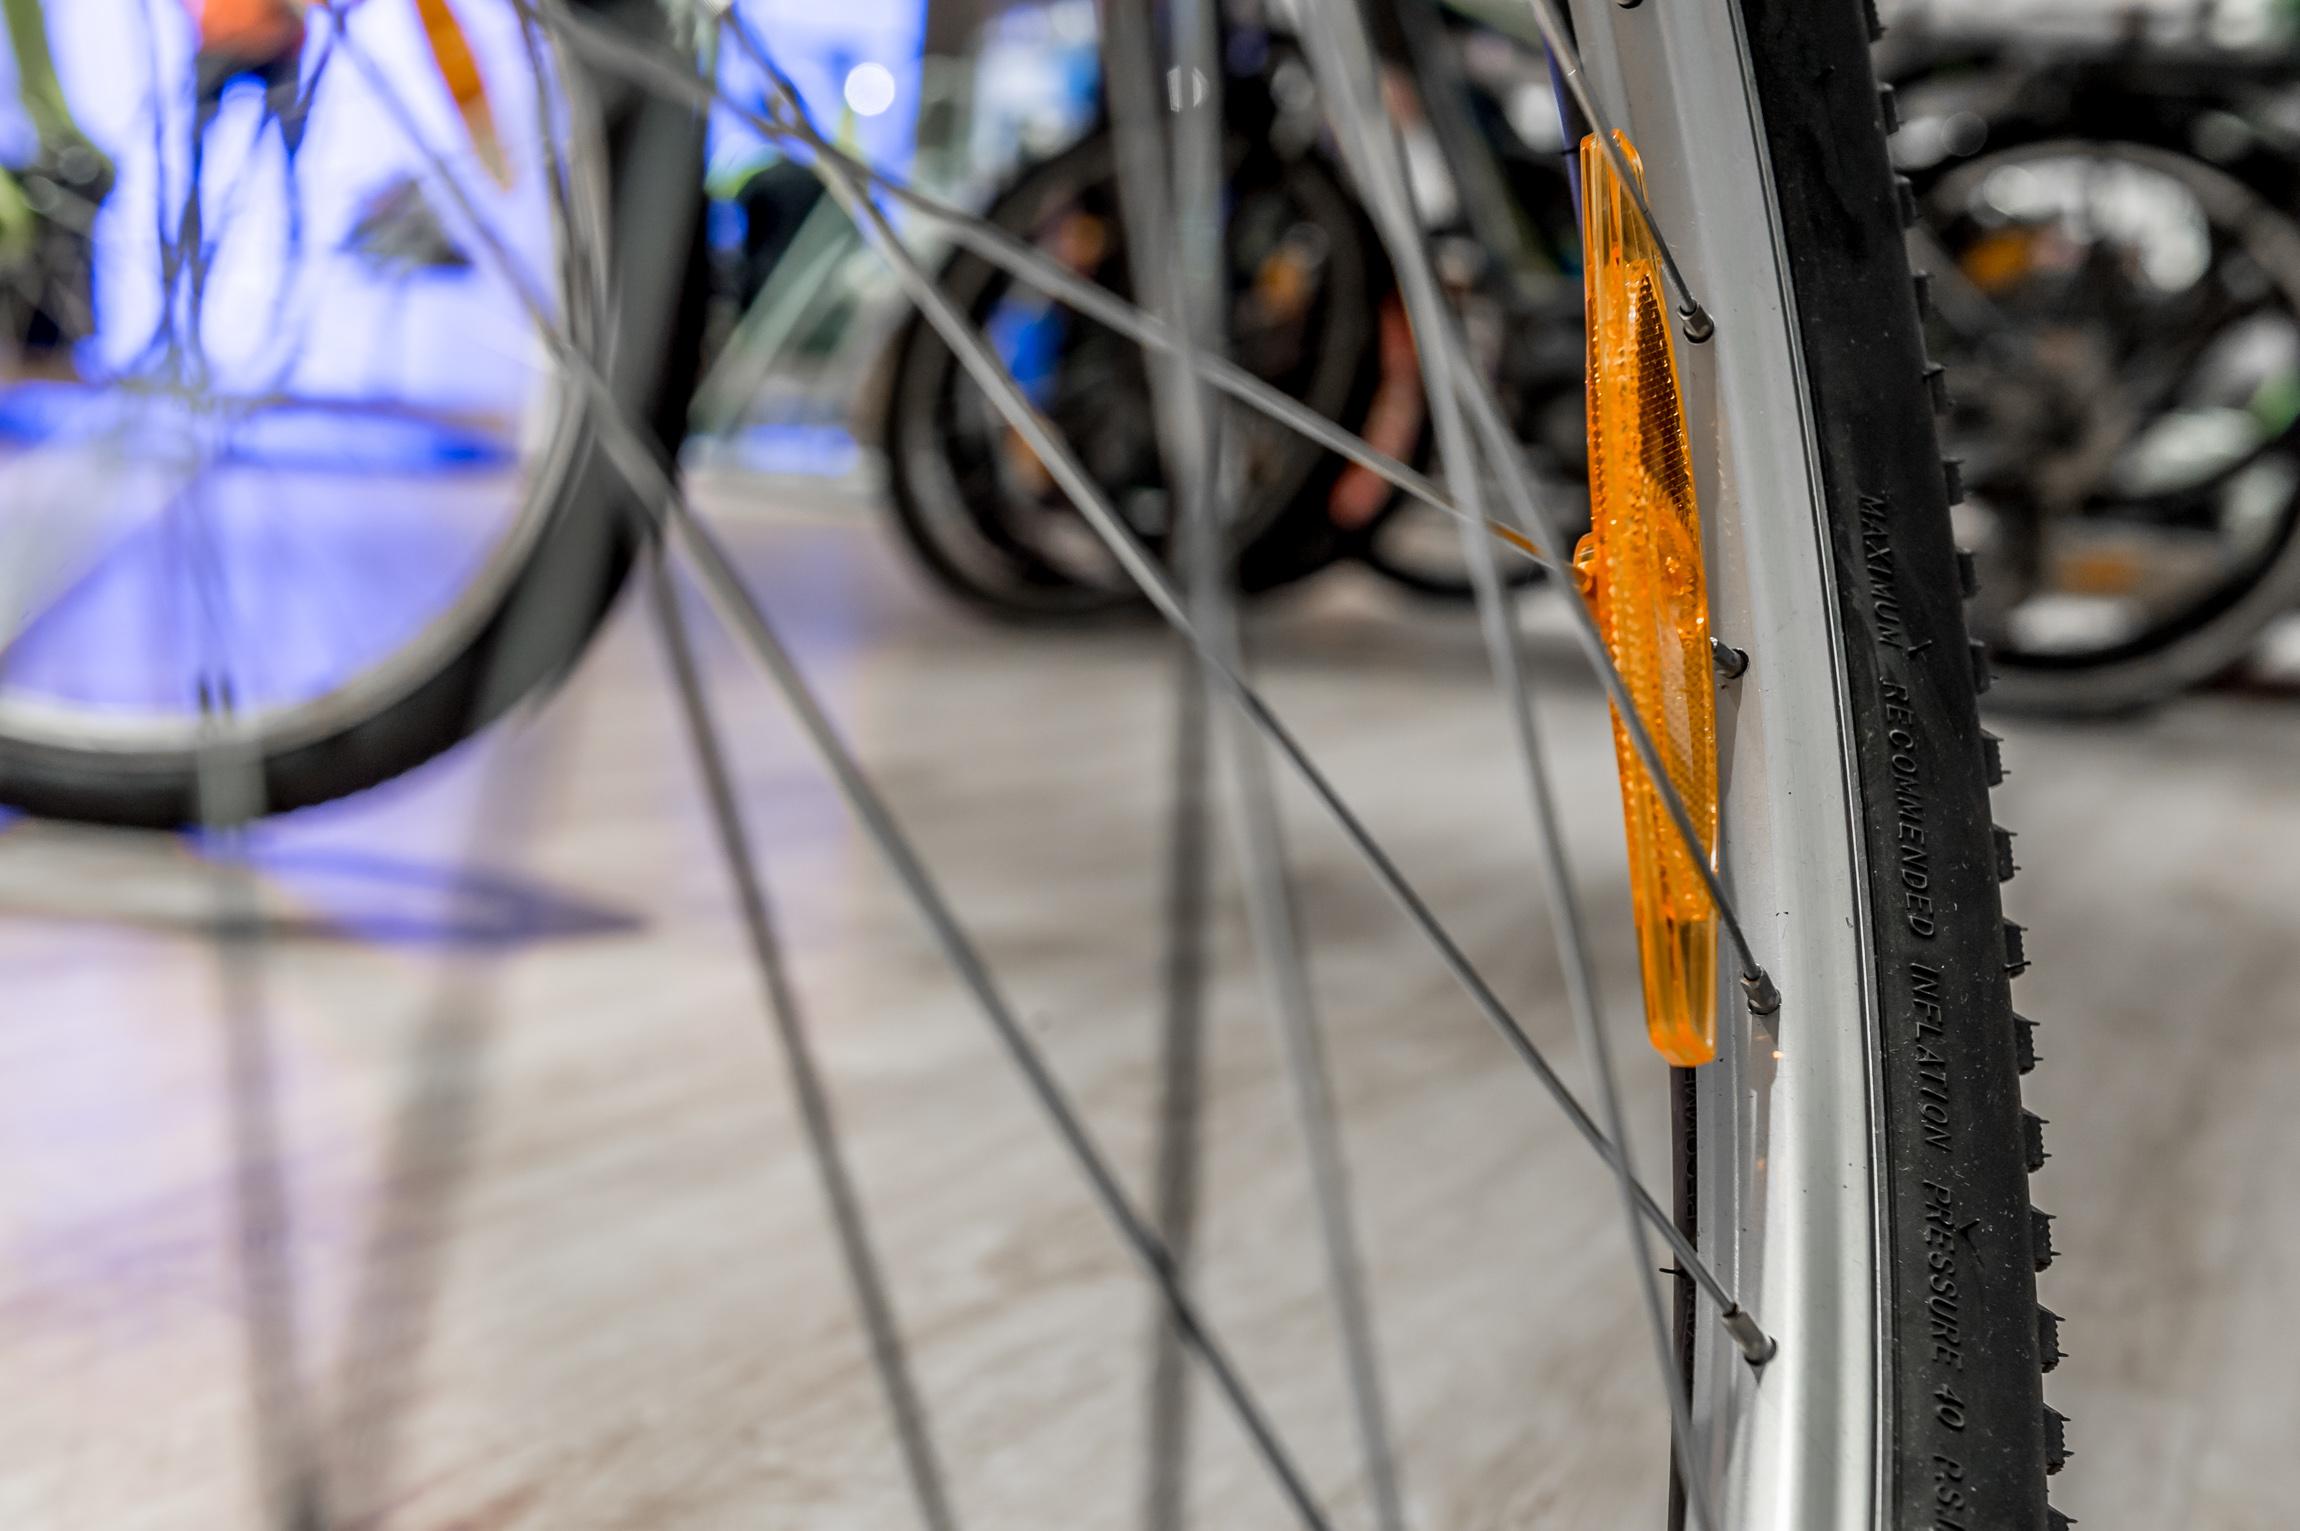 Mountainbike Shop & Service in Tirol : Riml Sports Geschäft